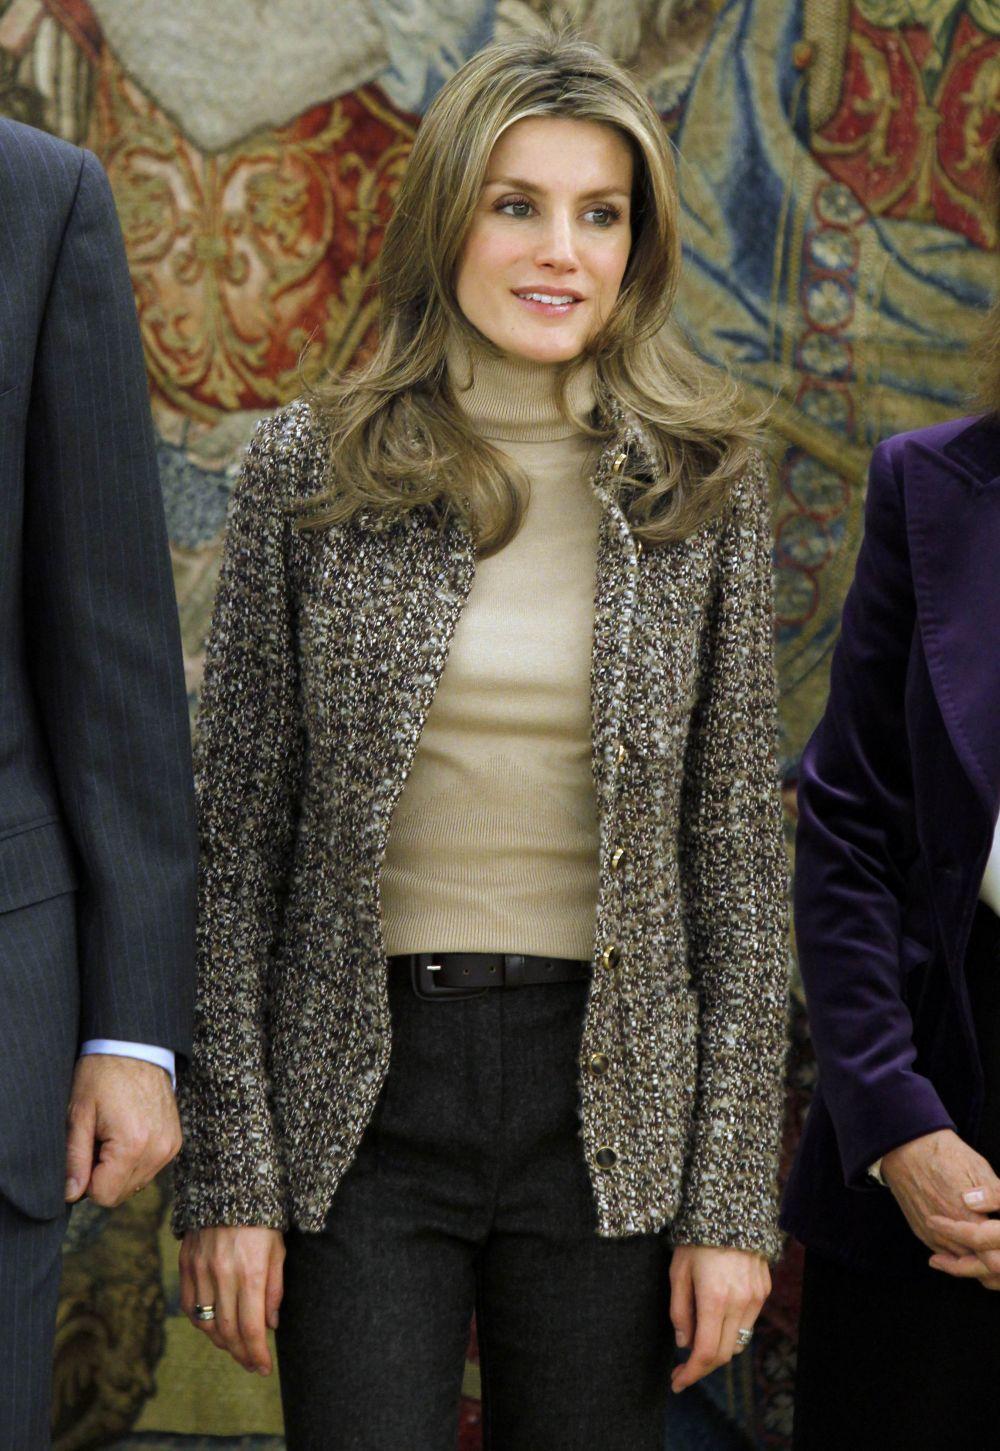 La Reina Letizia en 2011 con el pelo mucho más rubio y largo que en...